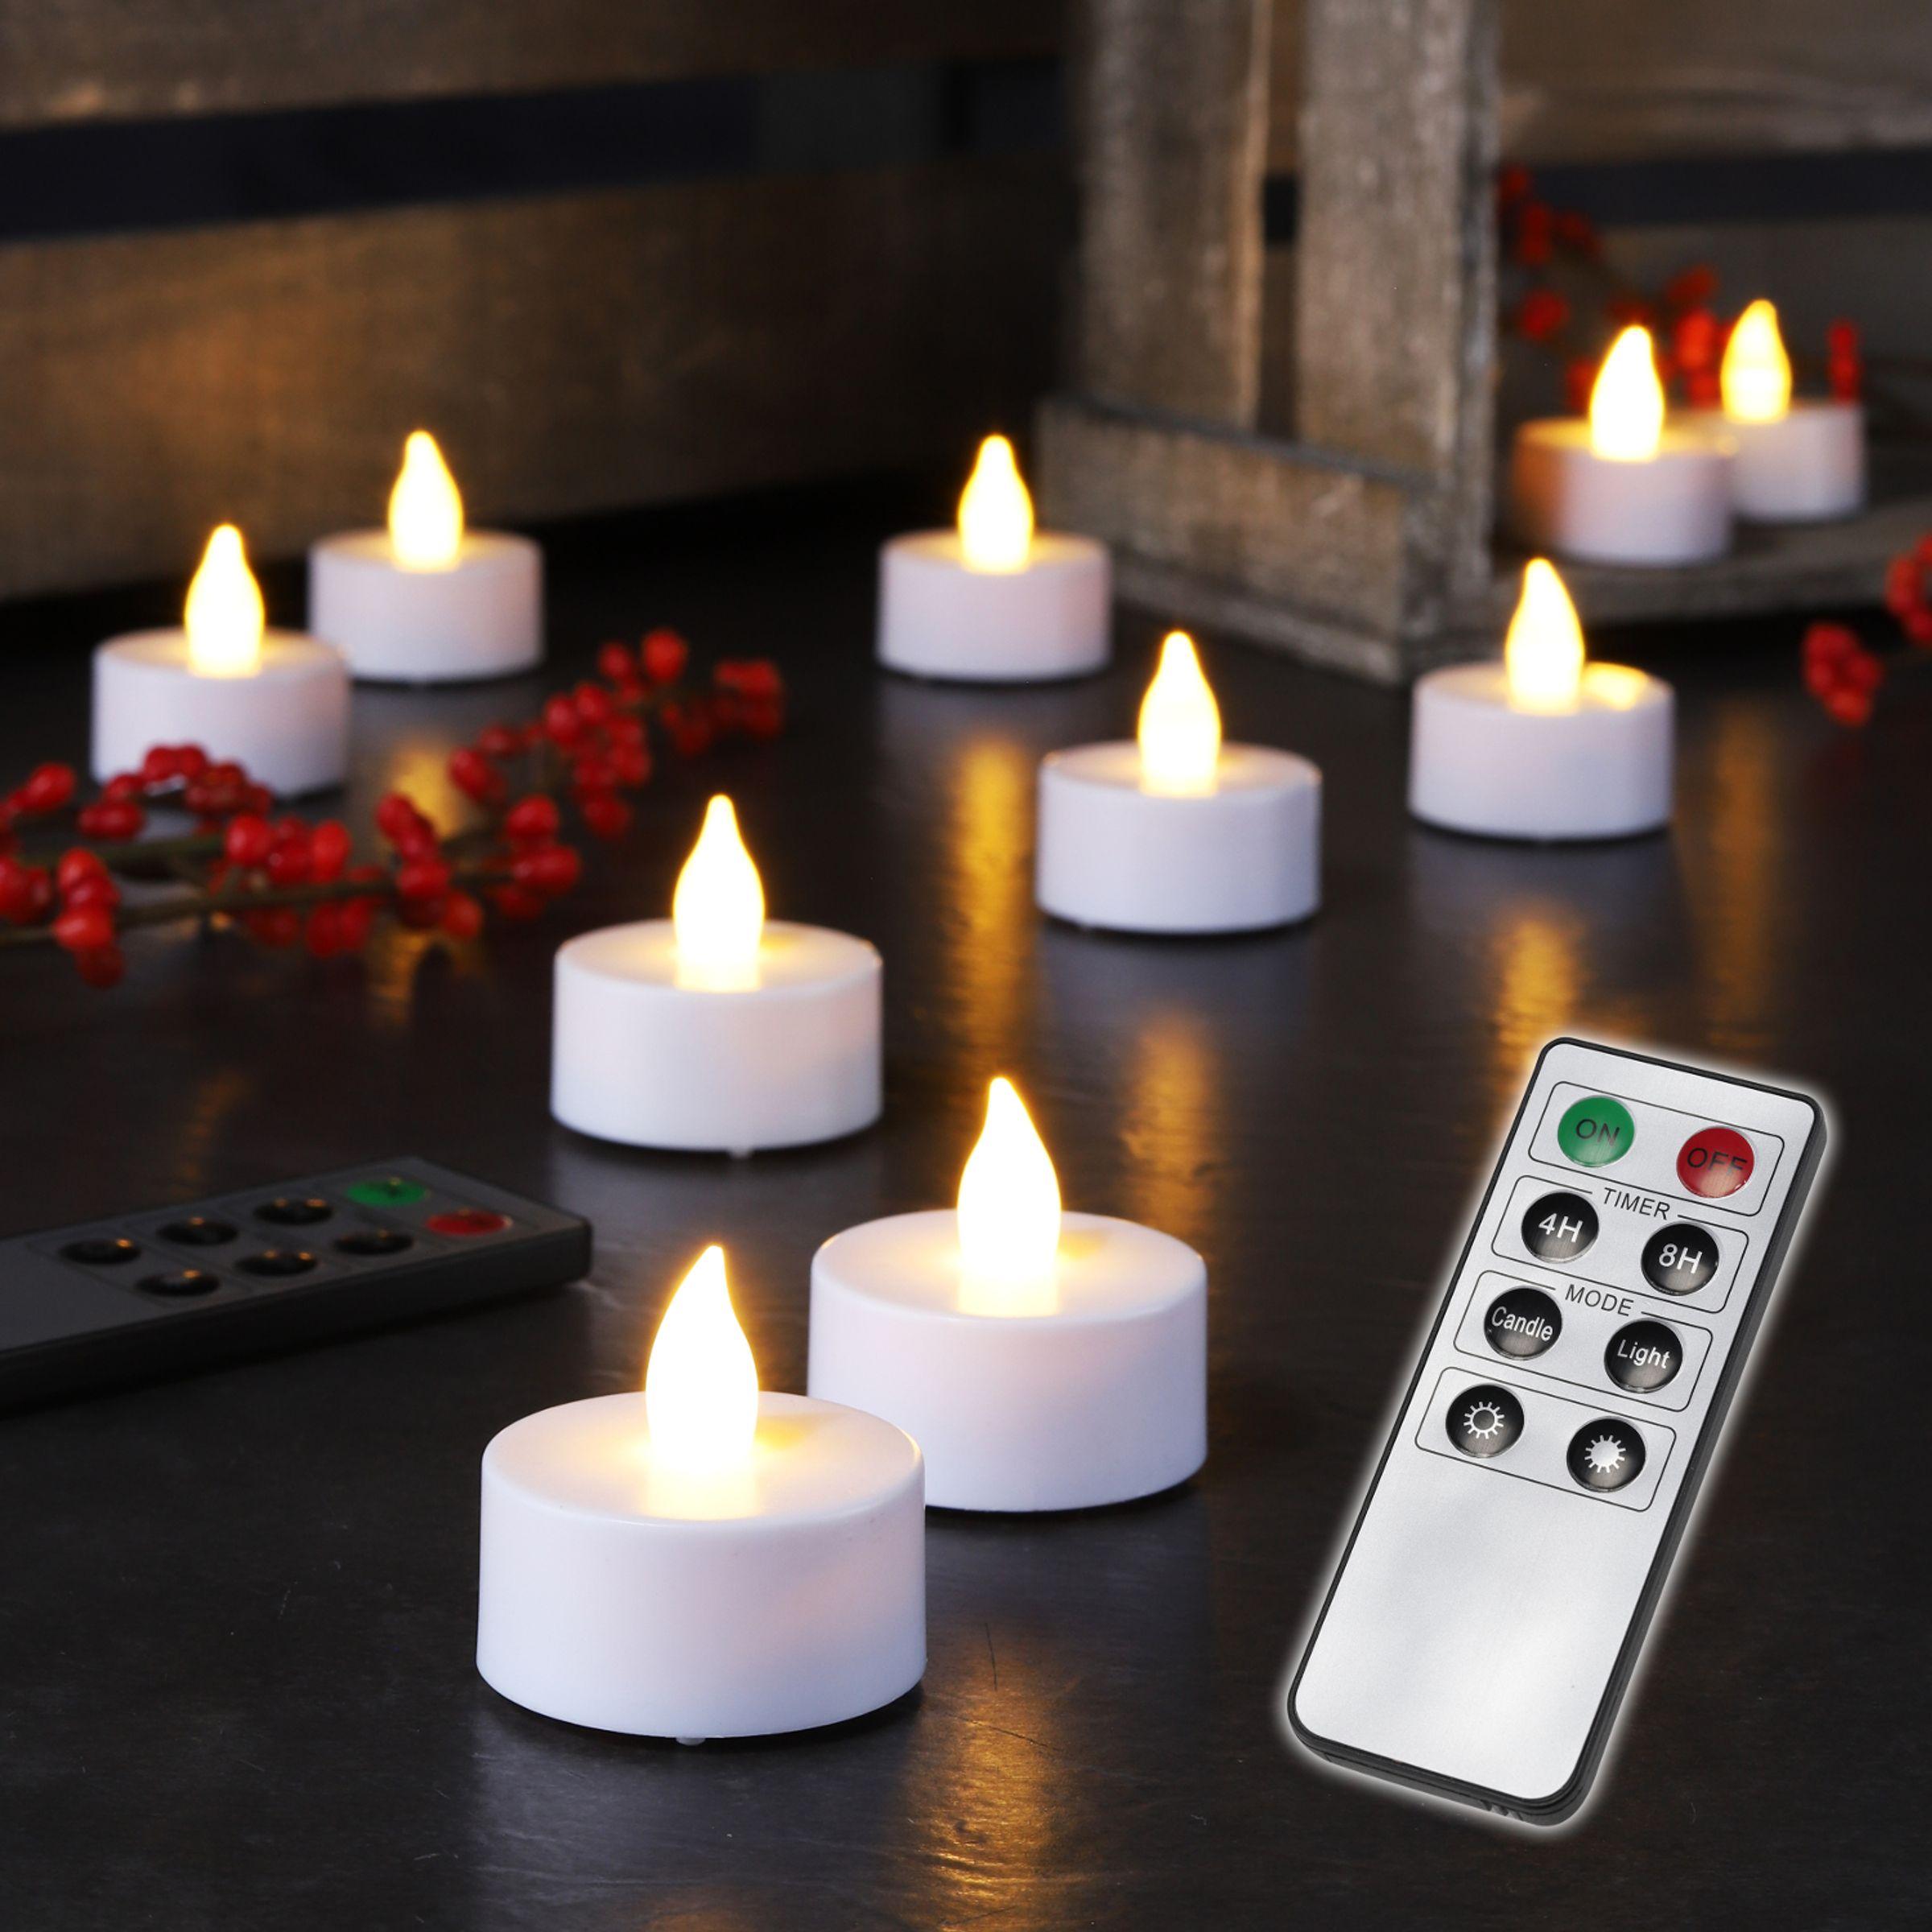 12er Set LED Kerzen Flackerkerzen Weihnachtskerzen Echtwachs Elektrokerzen